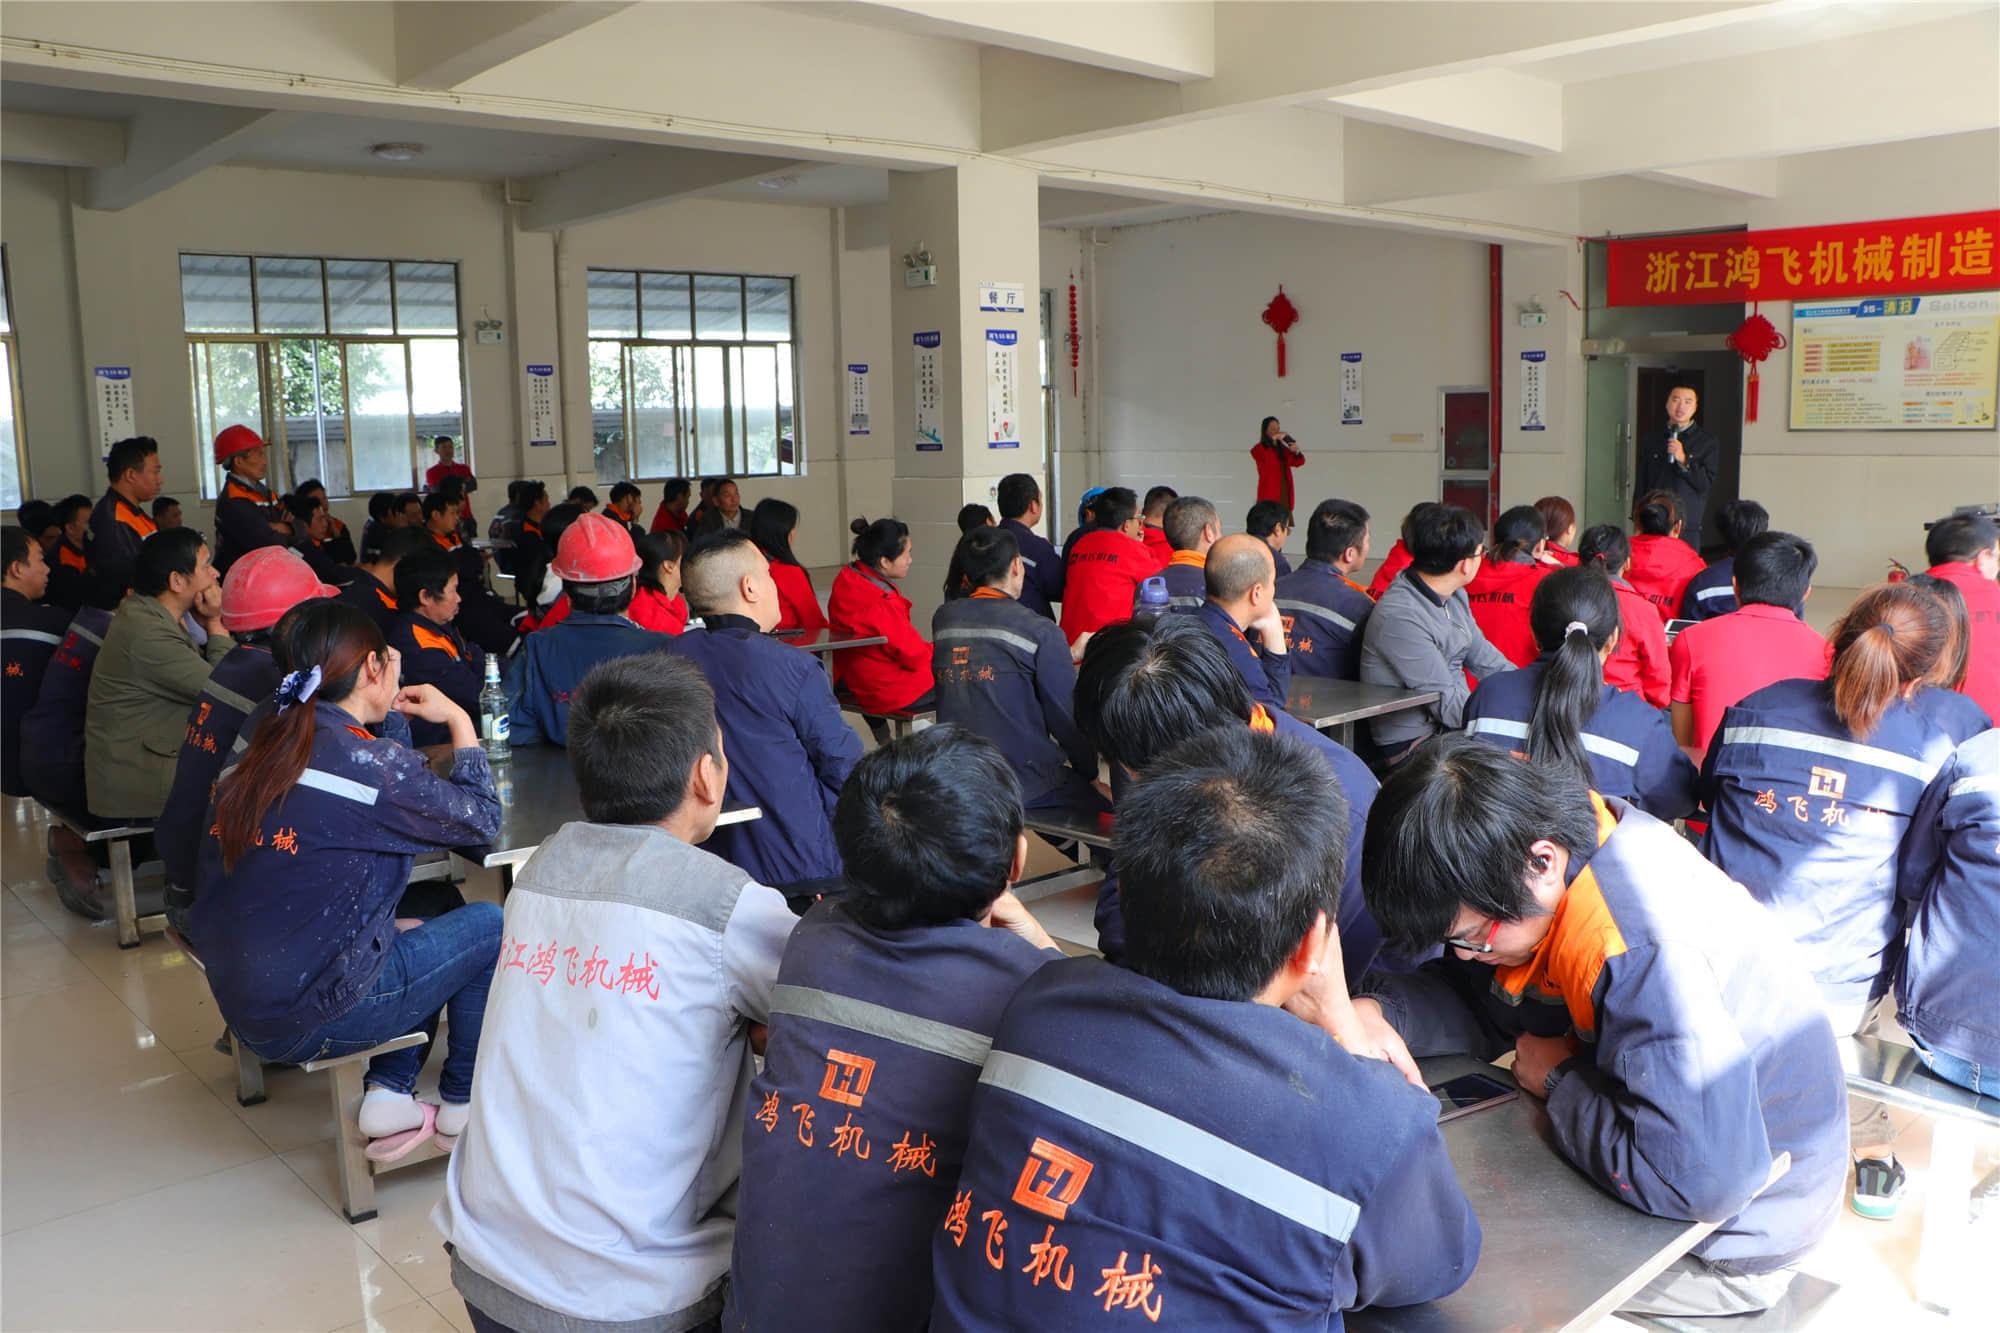 消防安全,人人有责    ——公司组织开展安全消防知识培训